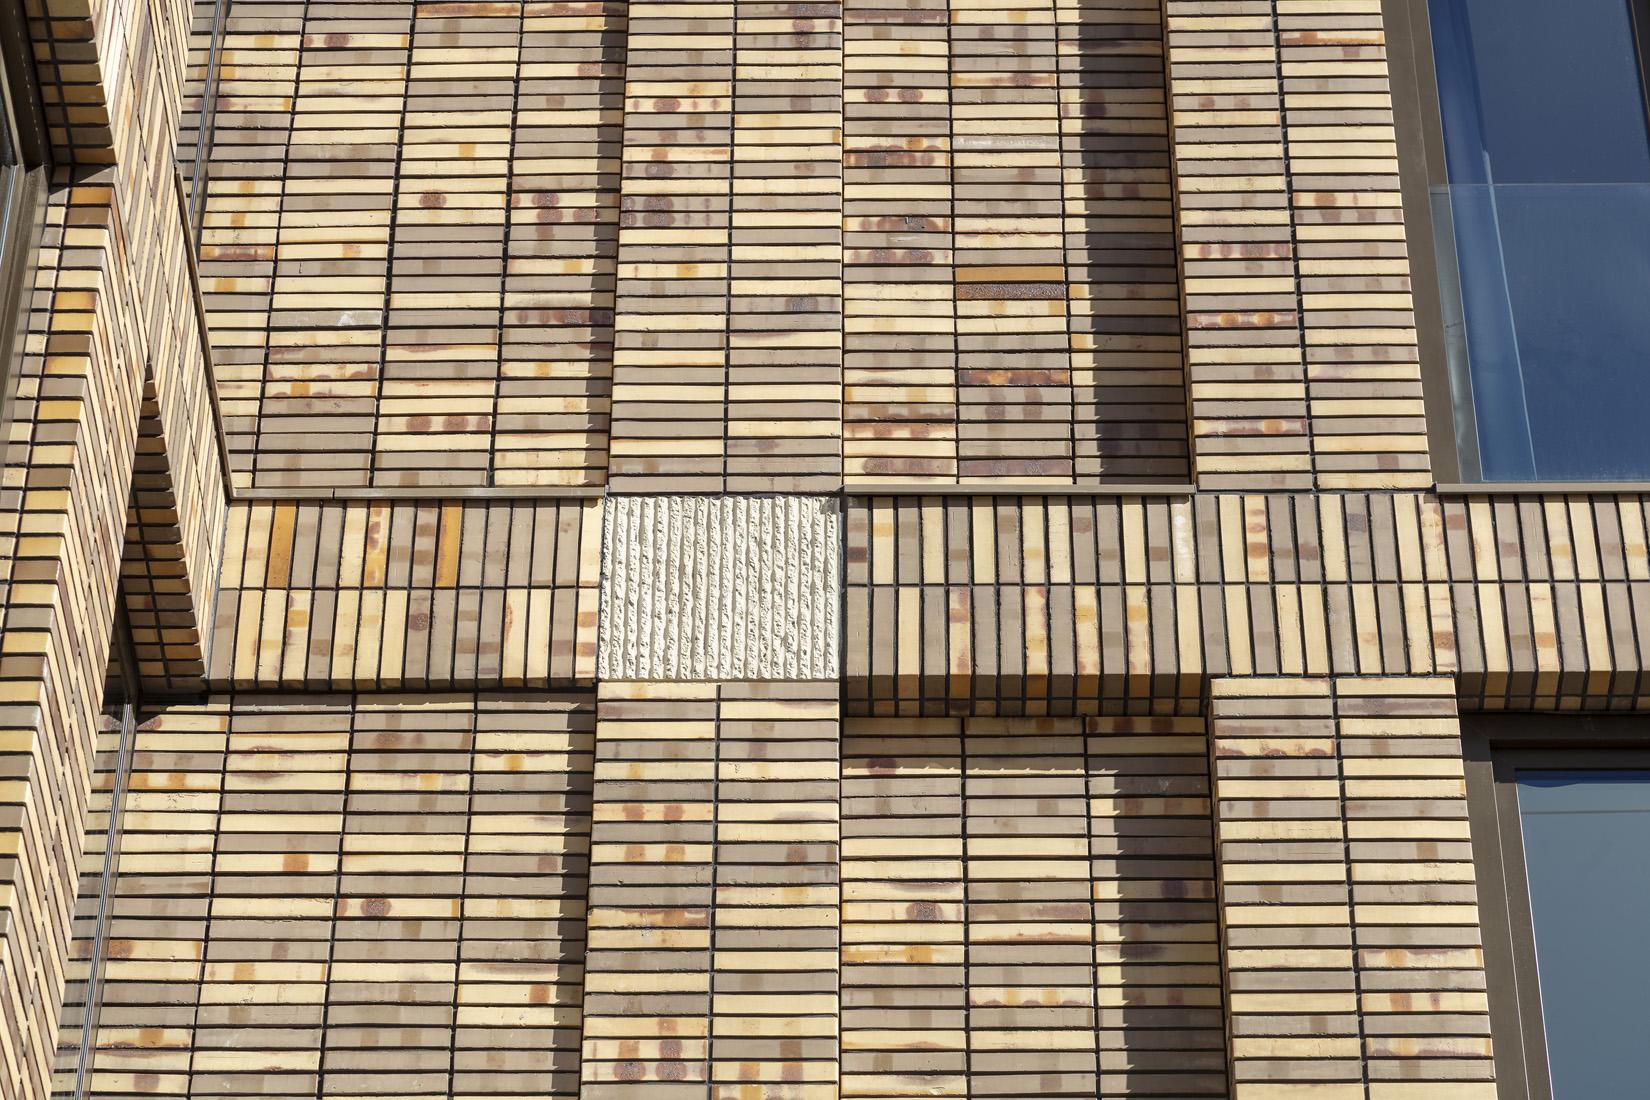 060 Atelier PUUUR IJCE CPO 15 Amsterdam